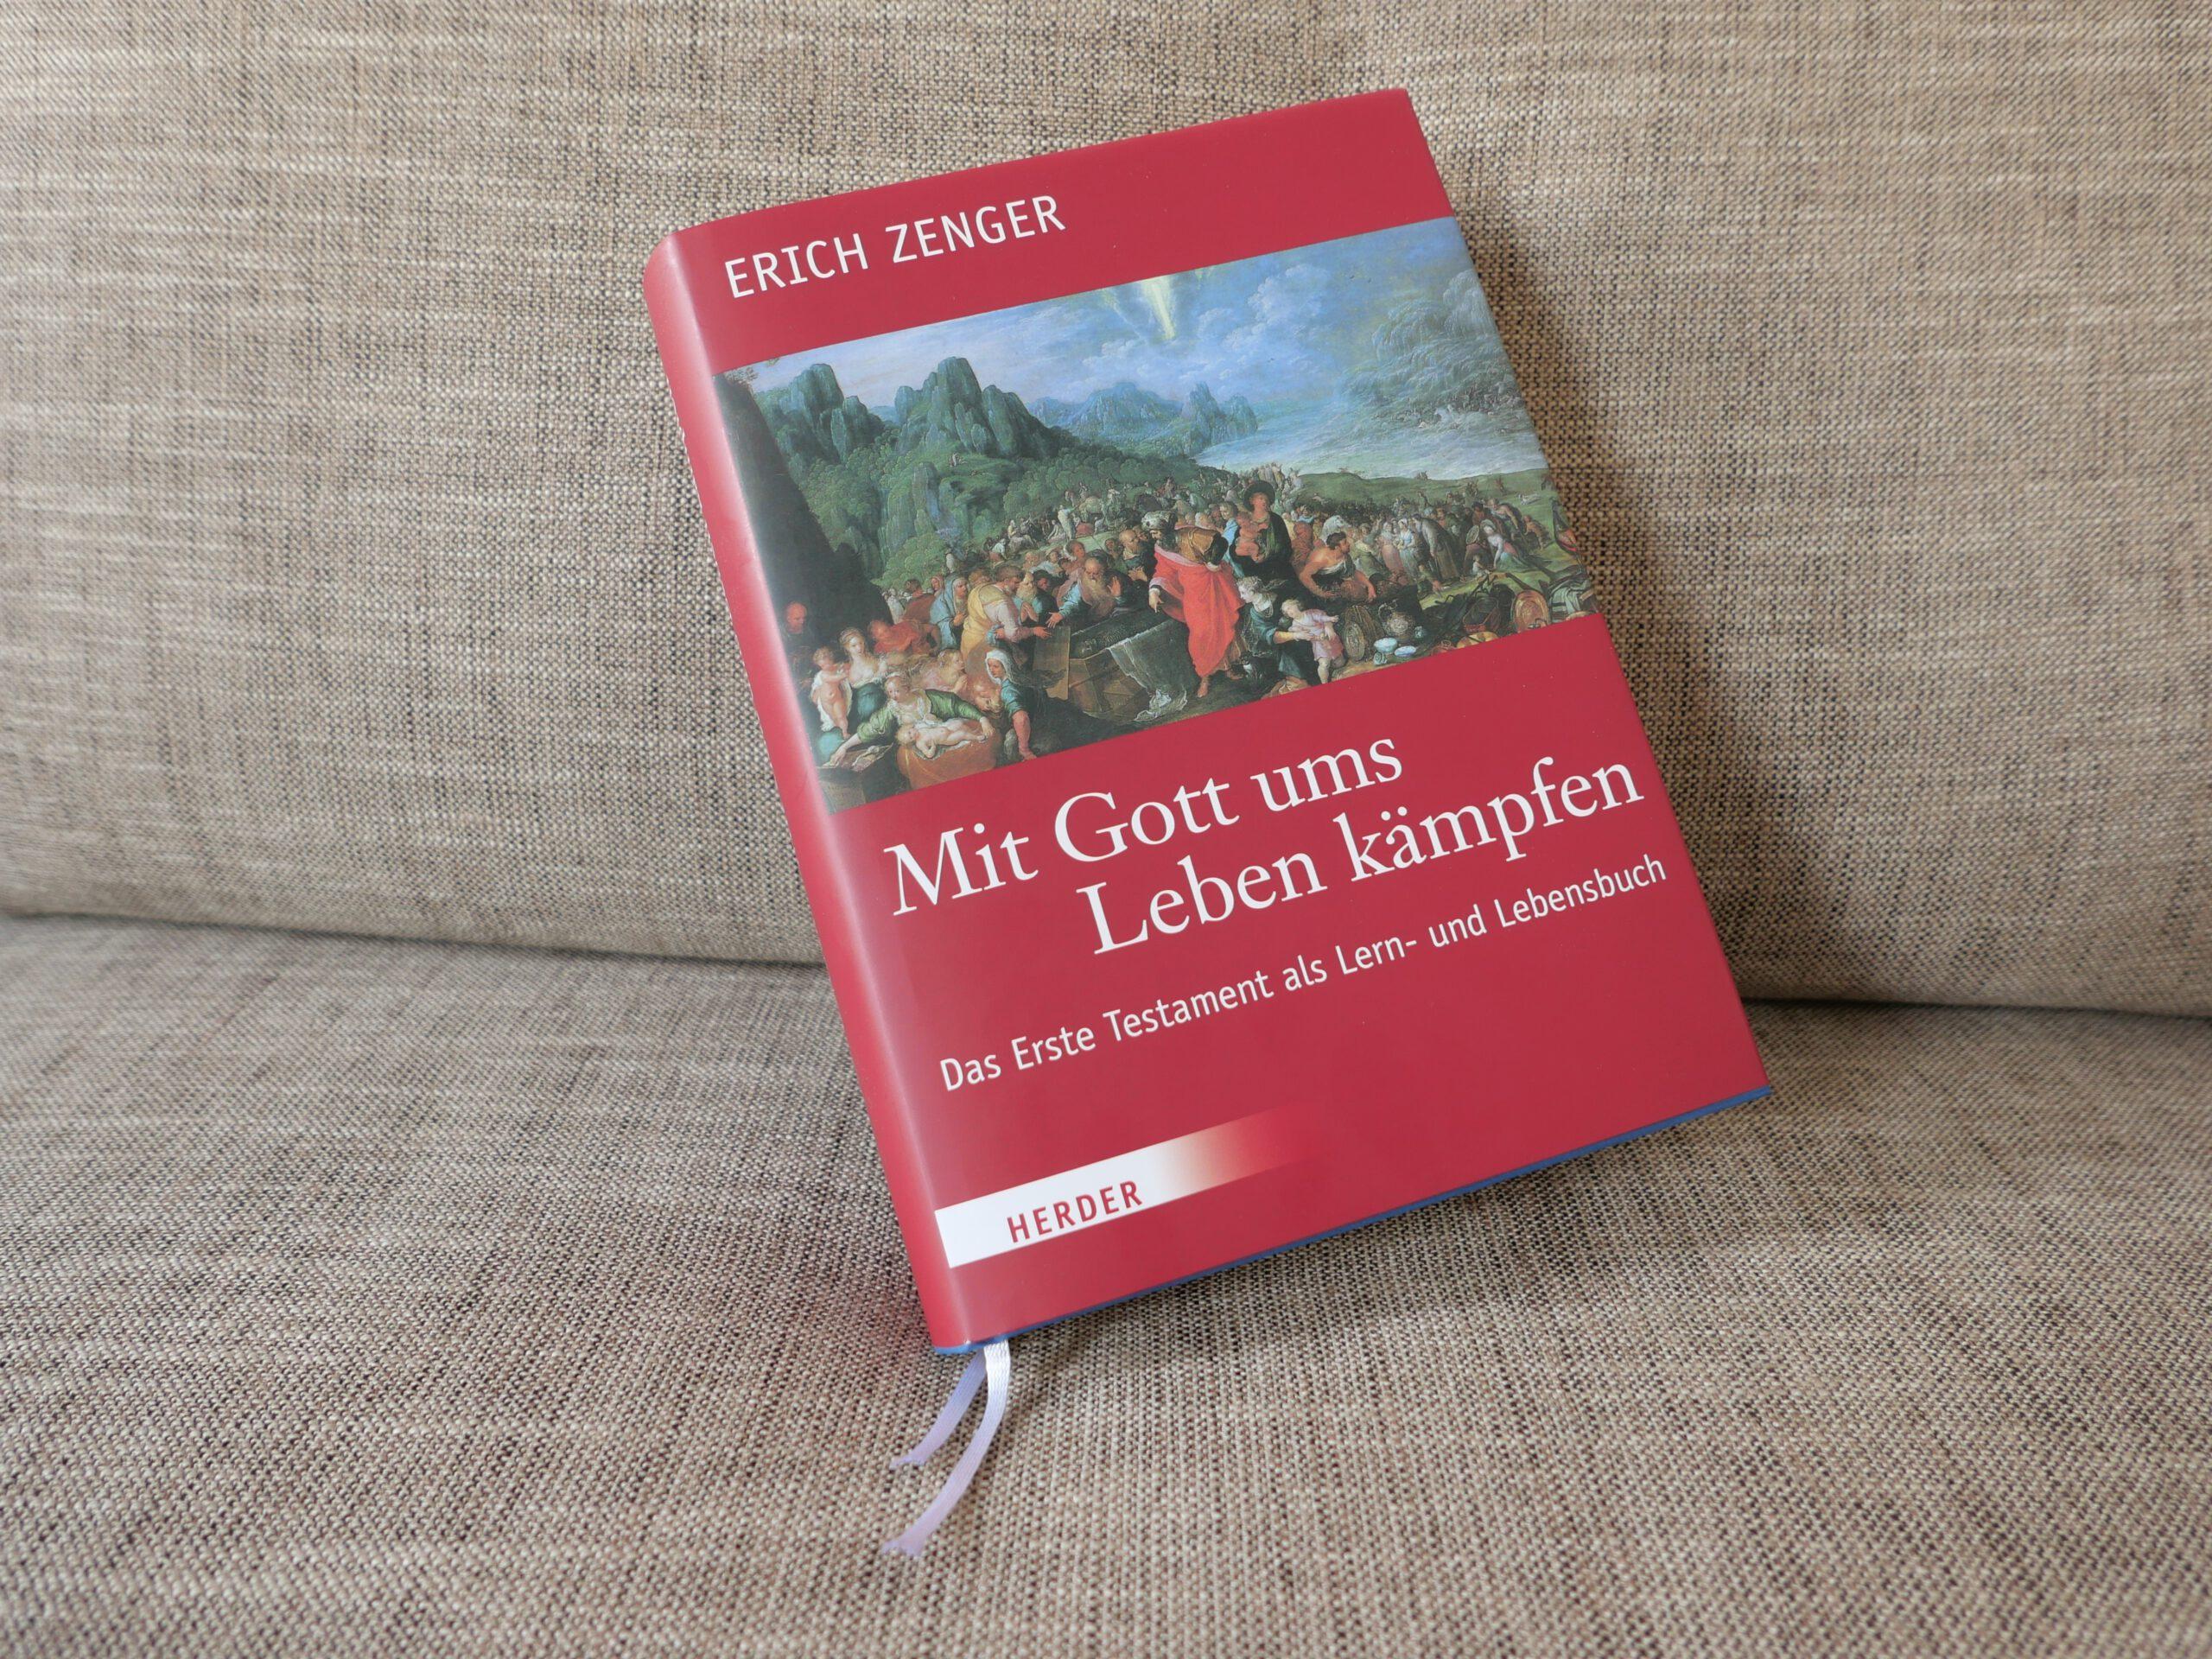 """Vom Vorrang der Schüler - Darum ging es Erich Zenger. Sein Buch """"Mit Gott ums Leben kämfpfen"""" mit zwei Lesebändchen"""